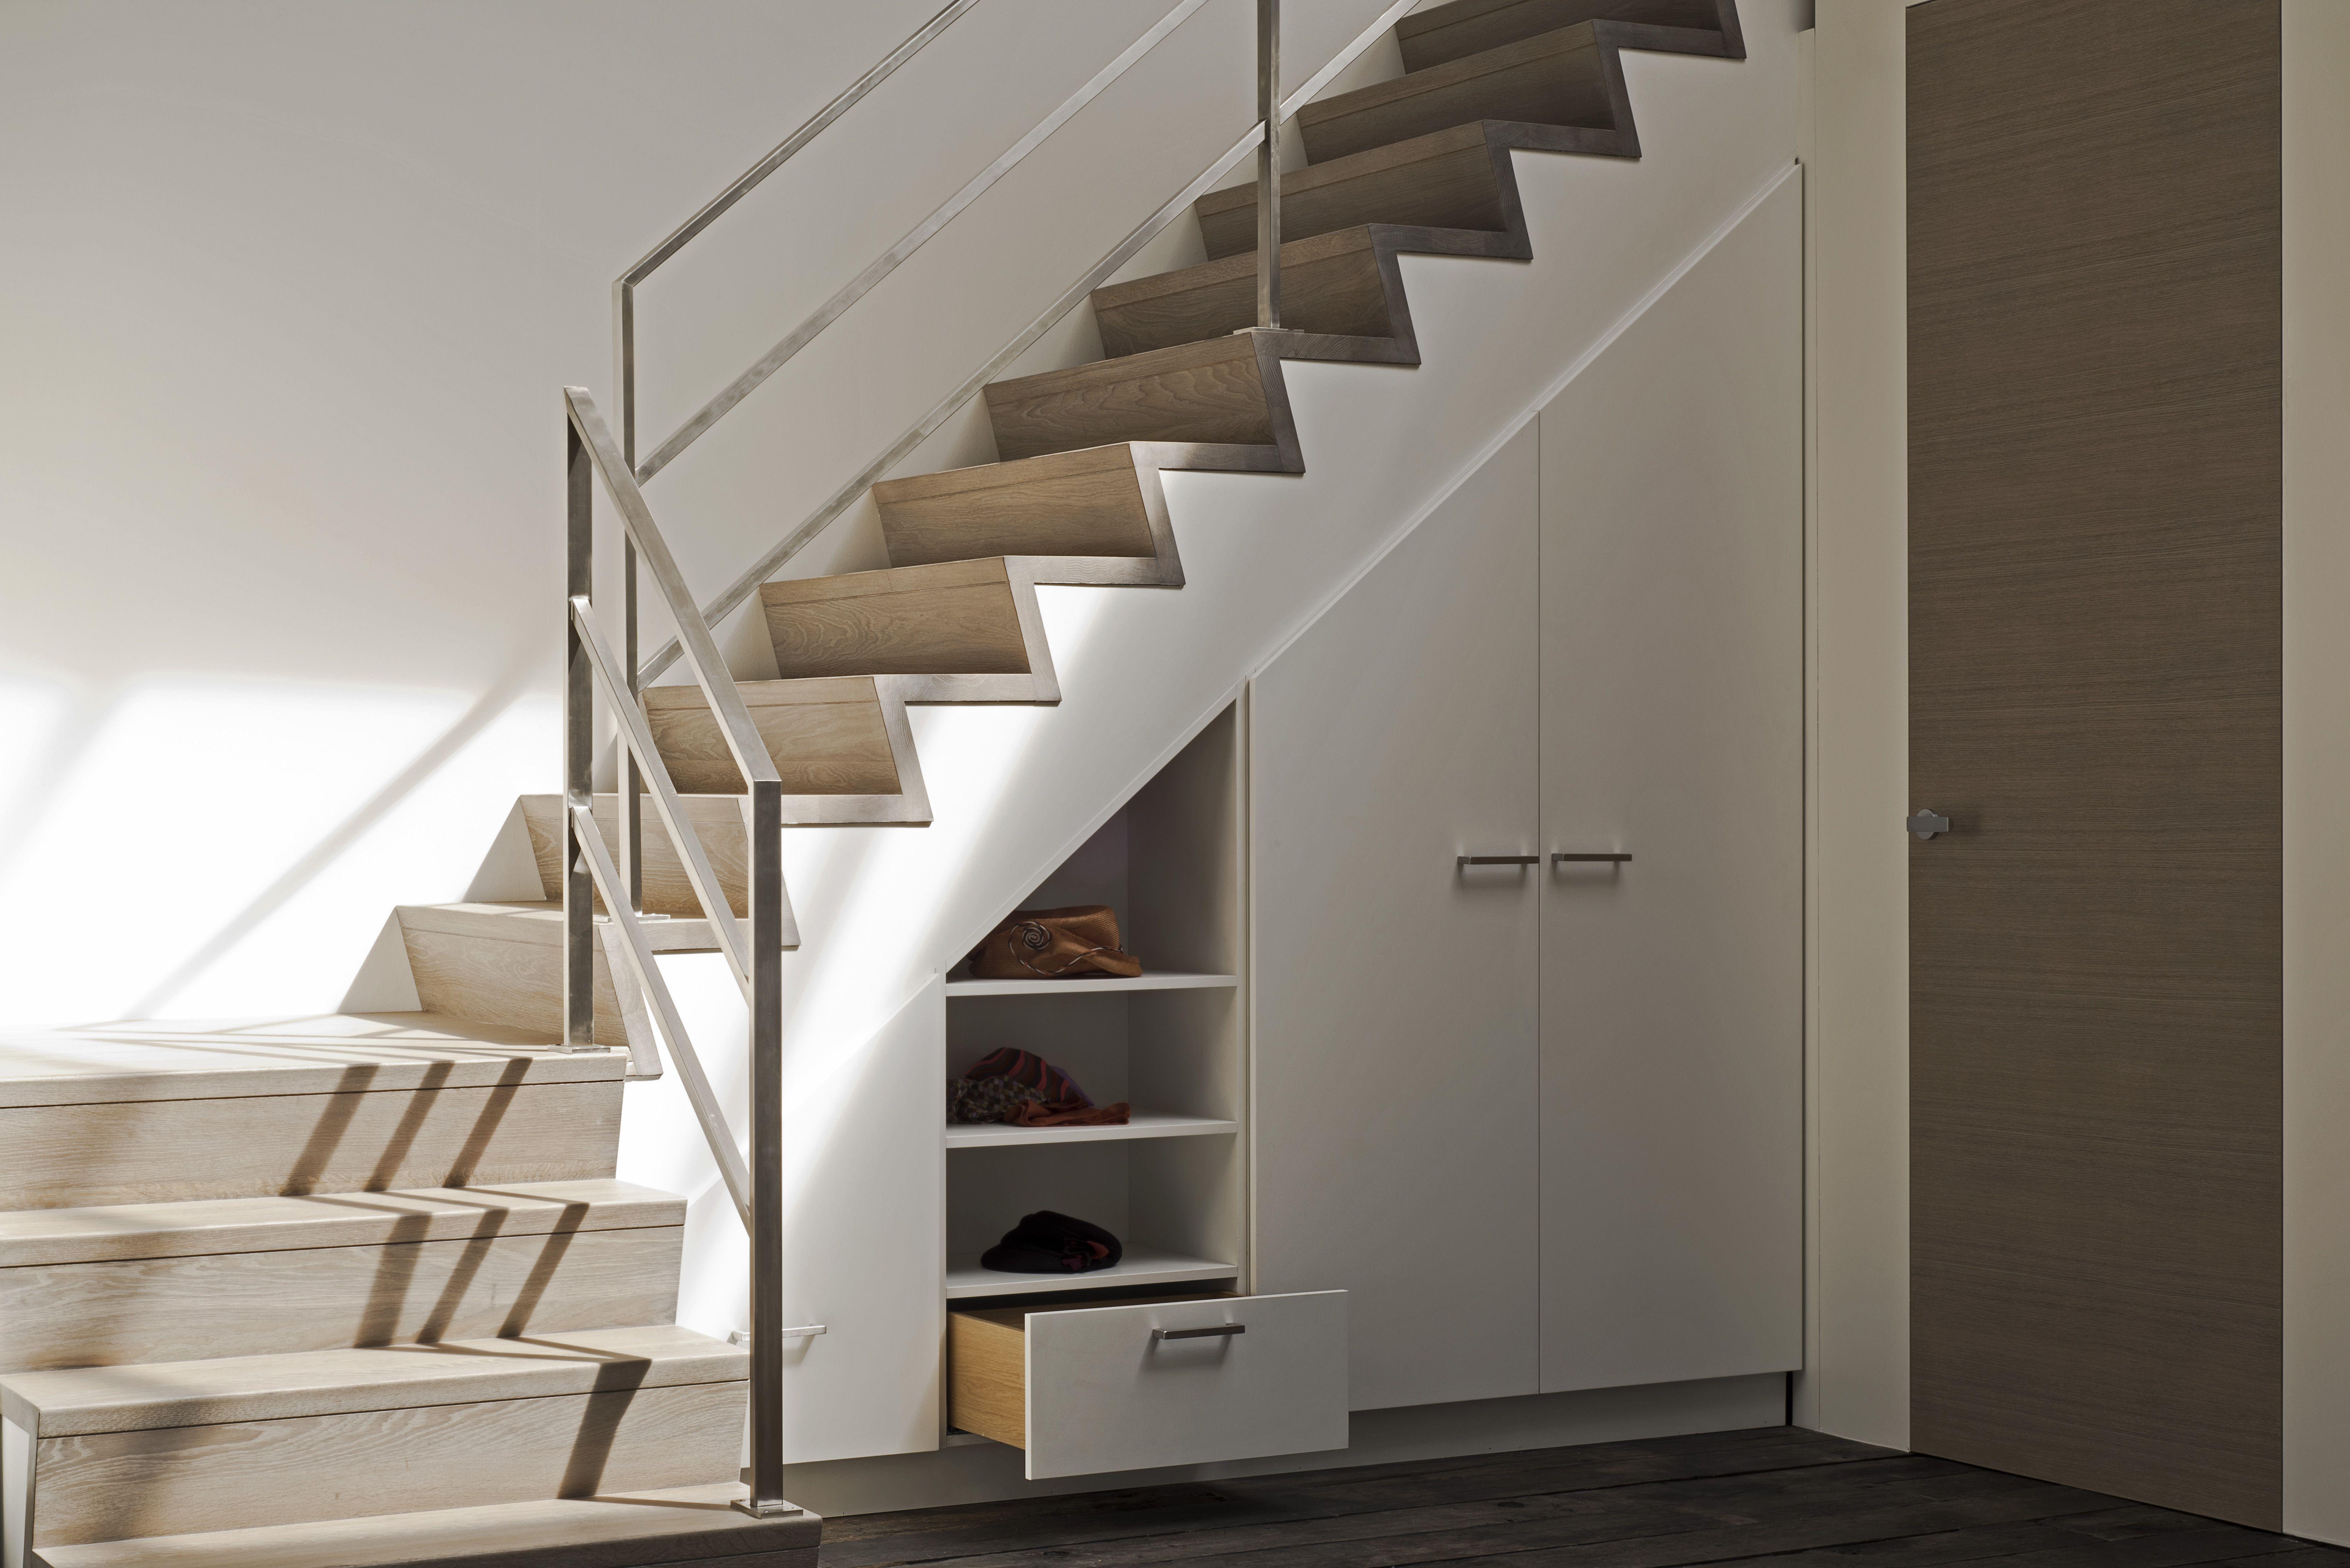 armoire moderne conome en place sous escalier entree. Black Bedroom Furniture Sets. Home Design Ideas